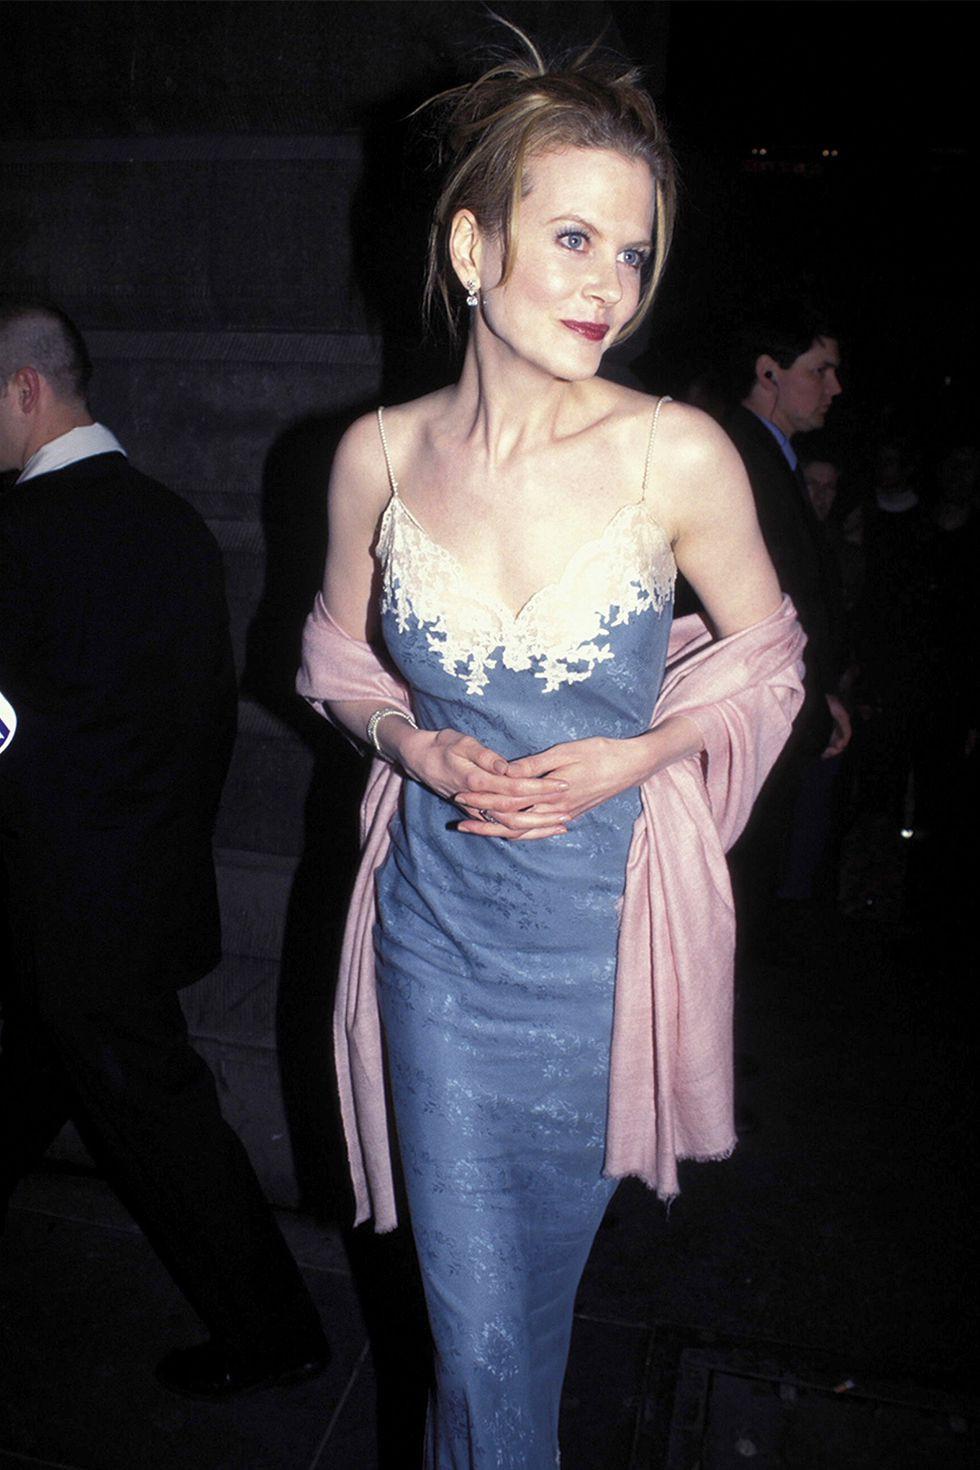 15 khoảnh khắc thời trang ấn tượng nhất những năm 90, có bộ cánh vẫn giữ nguyên tính thời thượng đến tận bây giờ - Ảnh 10.